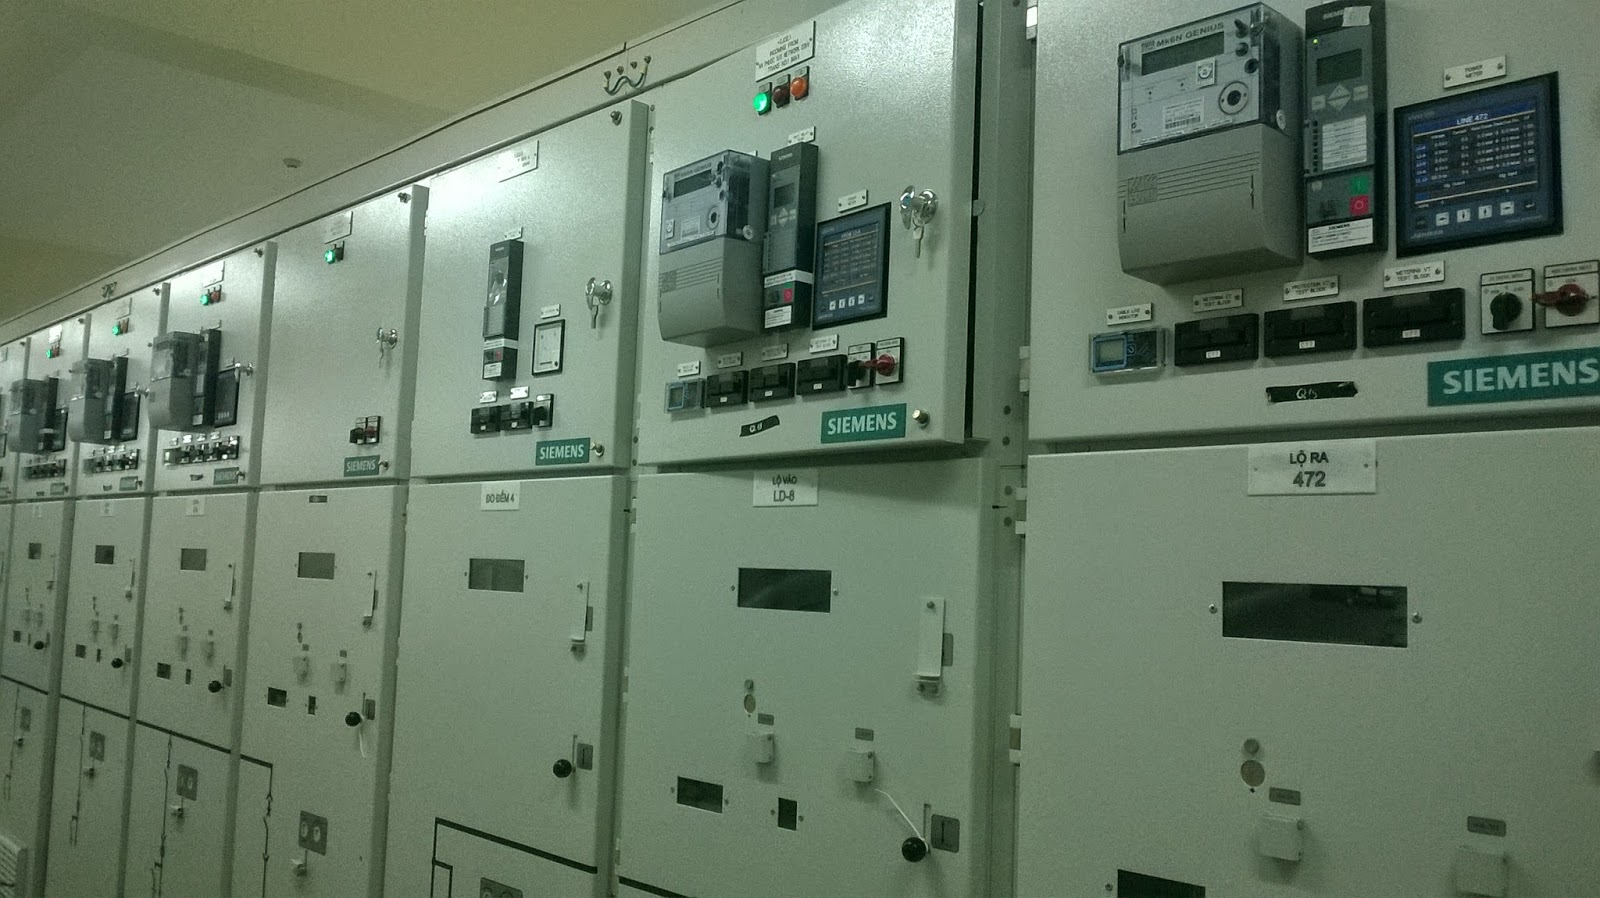 Giám sát năng lượng